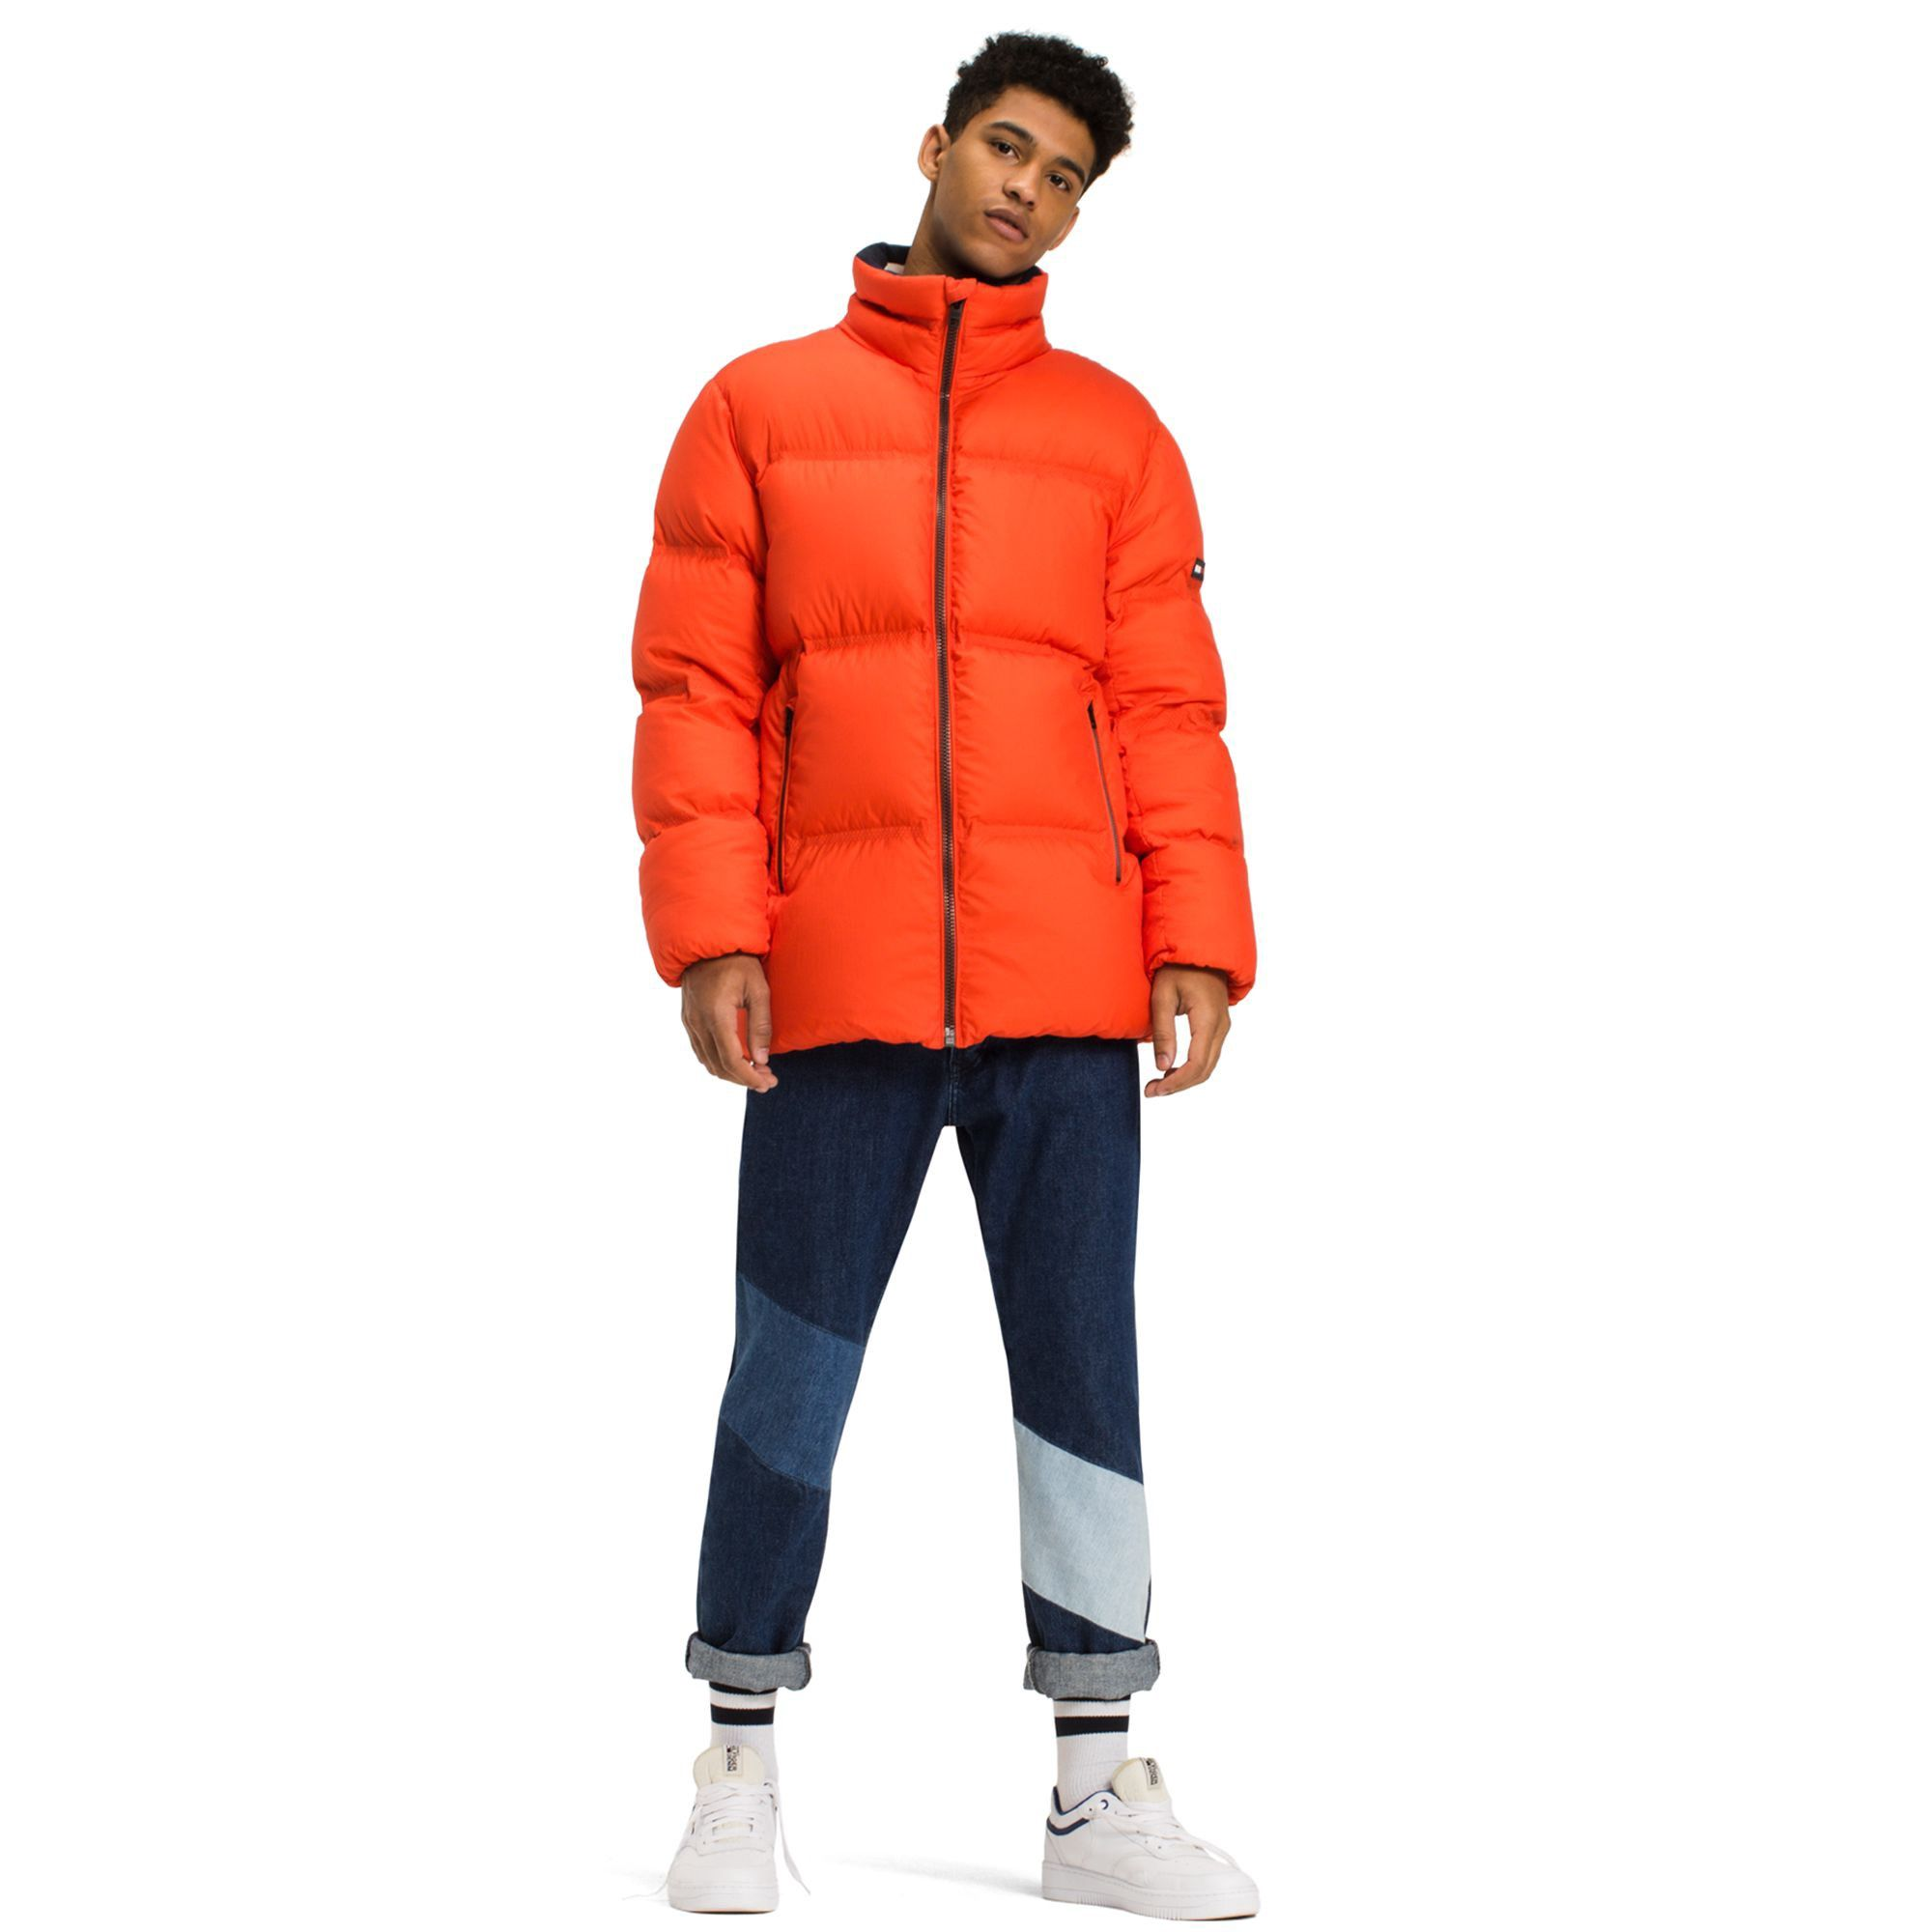 Tommy Hilfiger Down Puffer Jacket Spicy Orange Tommyhilfiger Cloth Tommy Hilfiger Tommy Hilfiger Man Hilfiger [ 2000 x 2000 Pixel ]